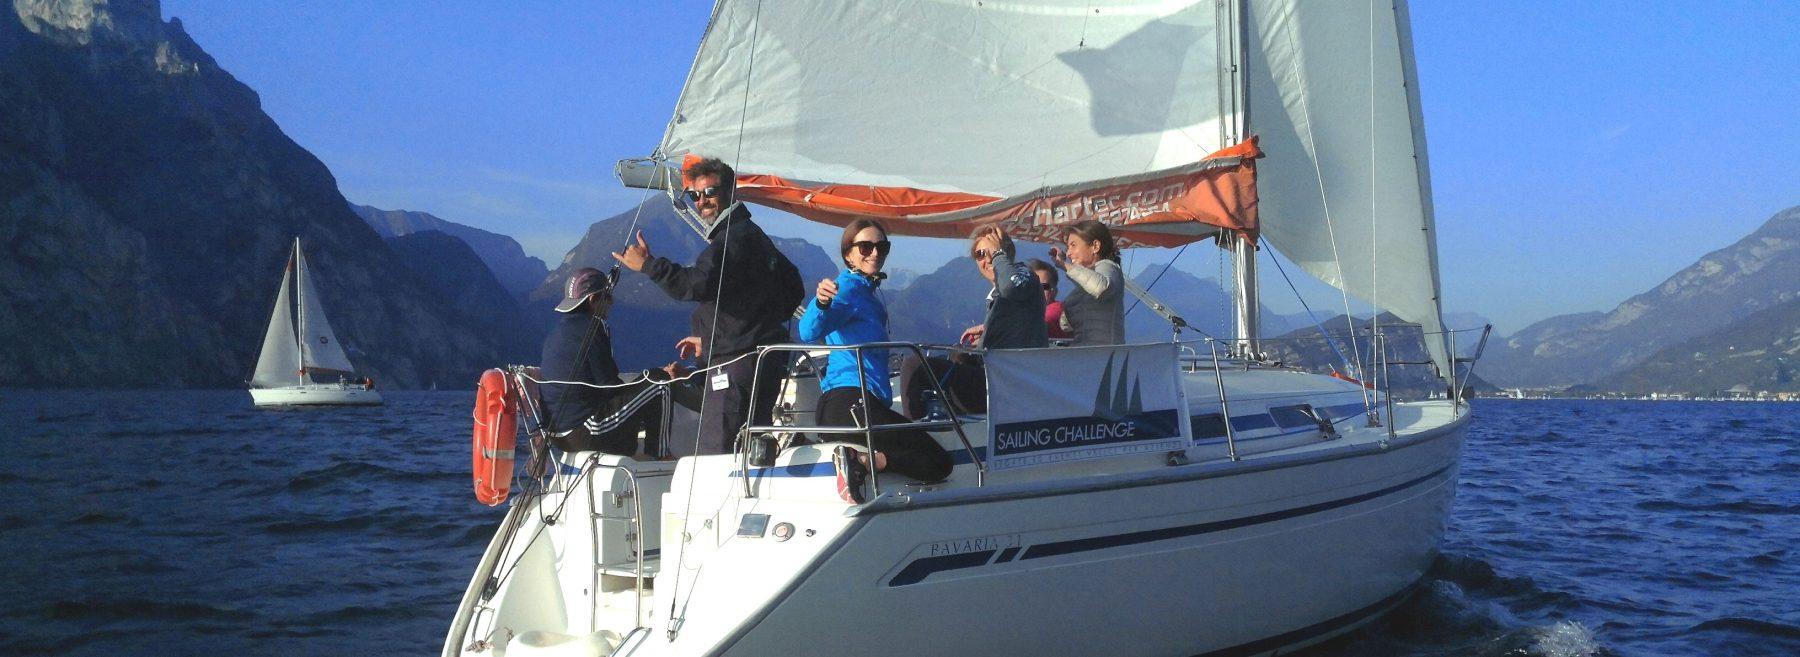 lake garda boat sailing tour